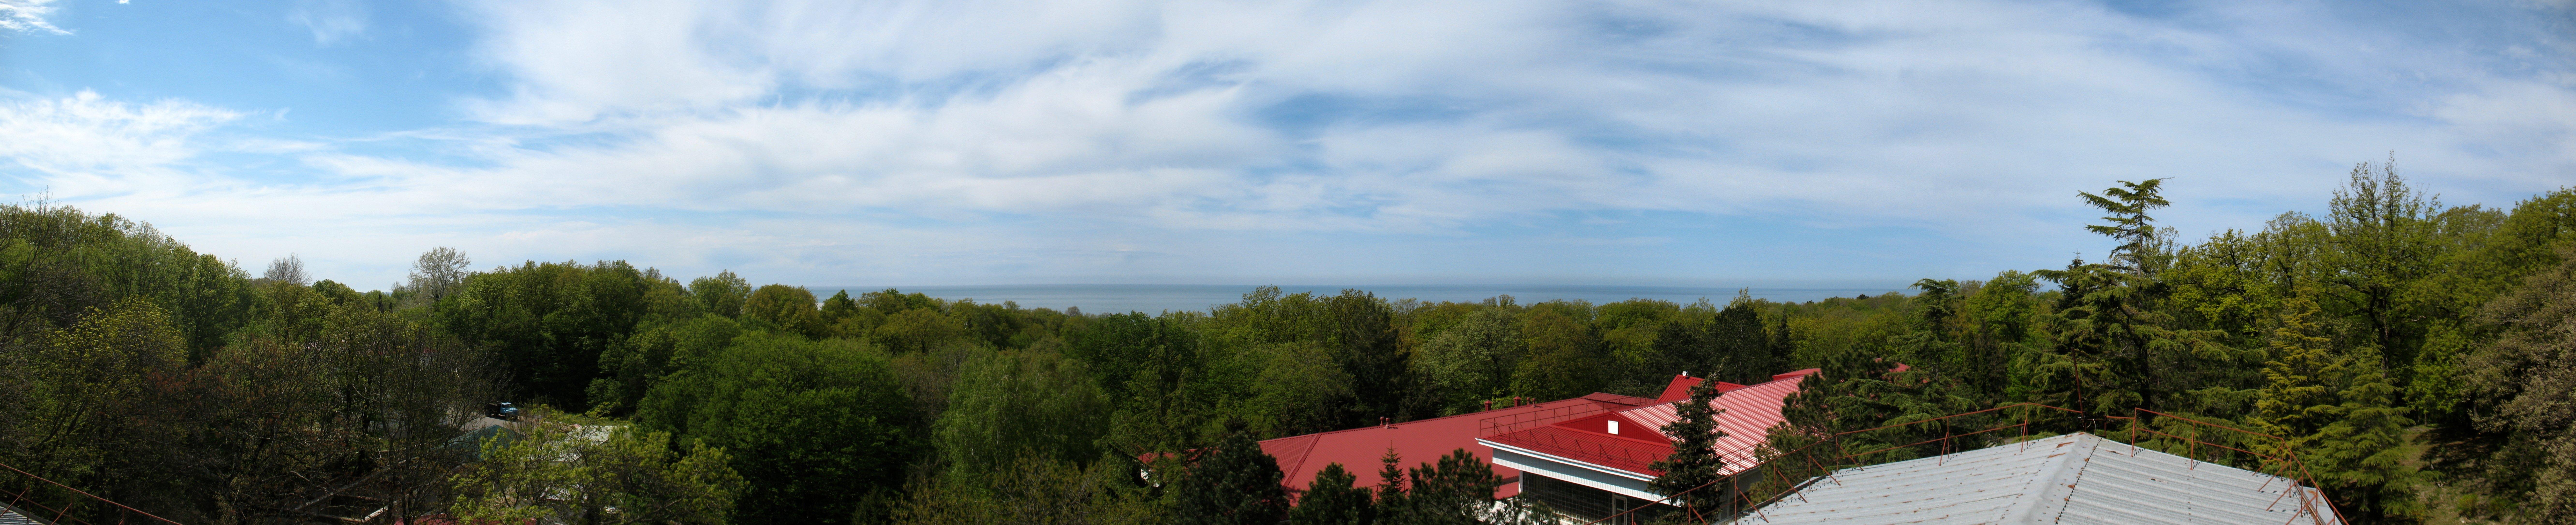 Панорама Восток